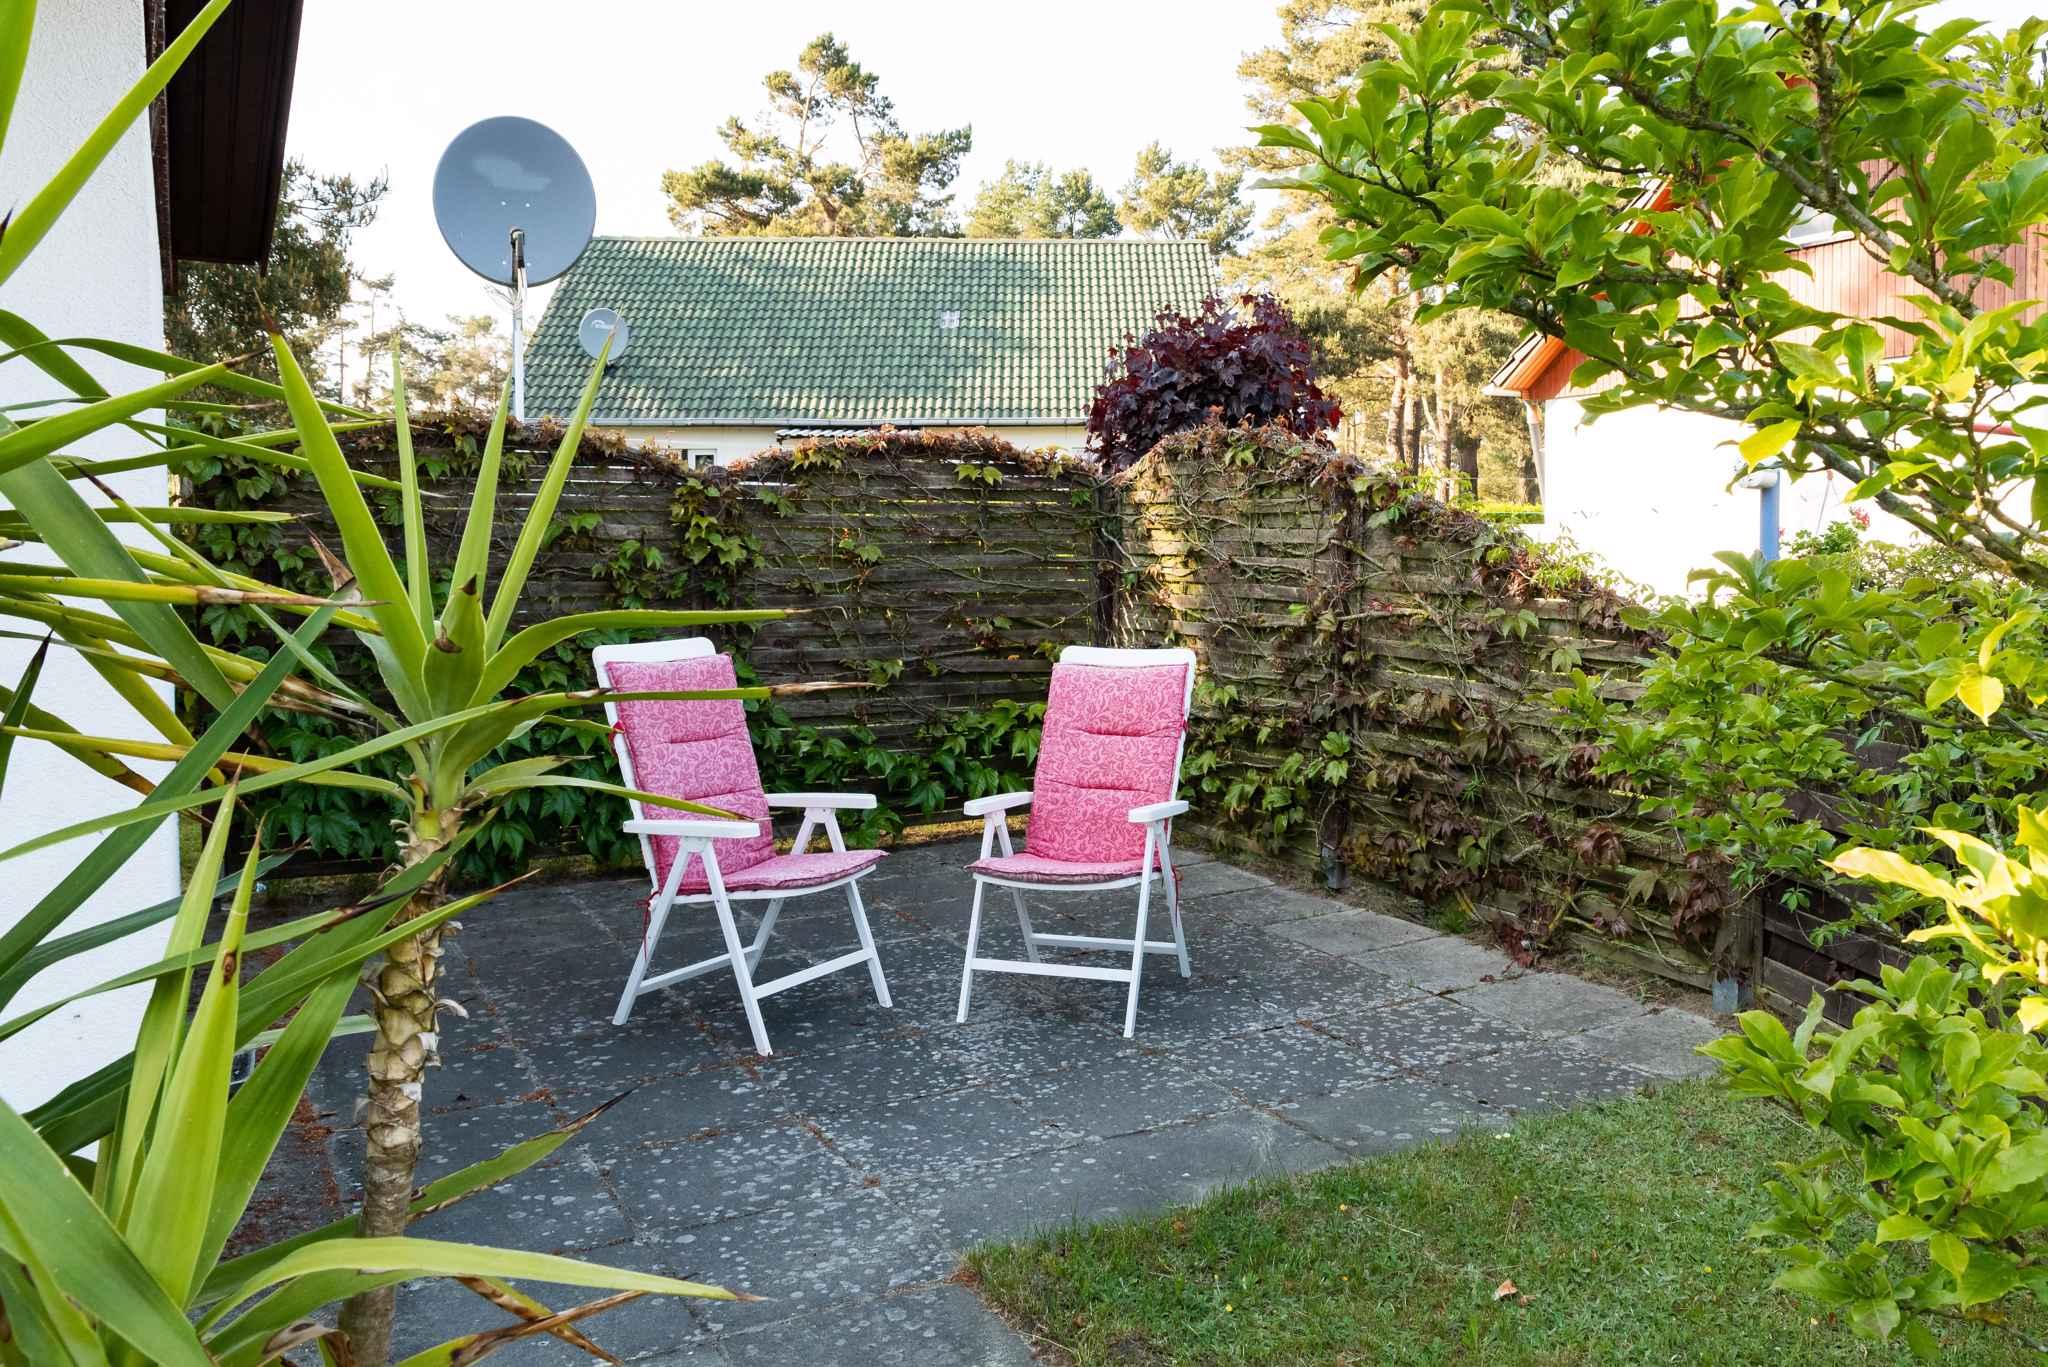 Ferienhaus Bungalow mit Terrasse und Garten (356789), Fuhlendorf, Ostseeküste Mecklenburg-Vorpommern, Mecklenburg-Vorpommern, Deutschland, Bild 3